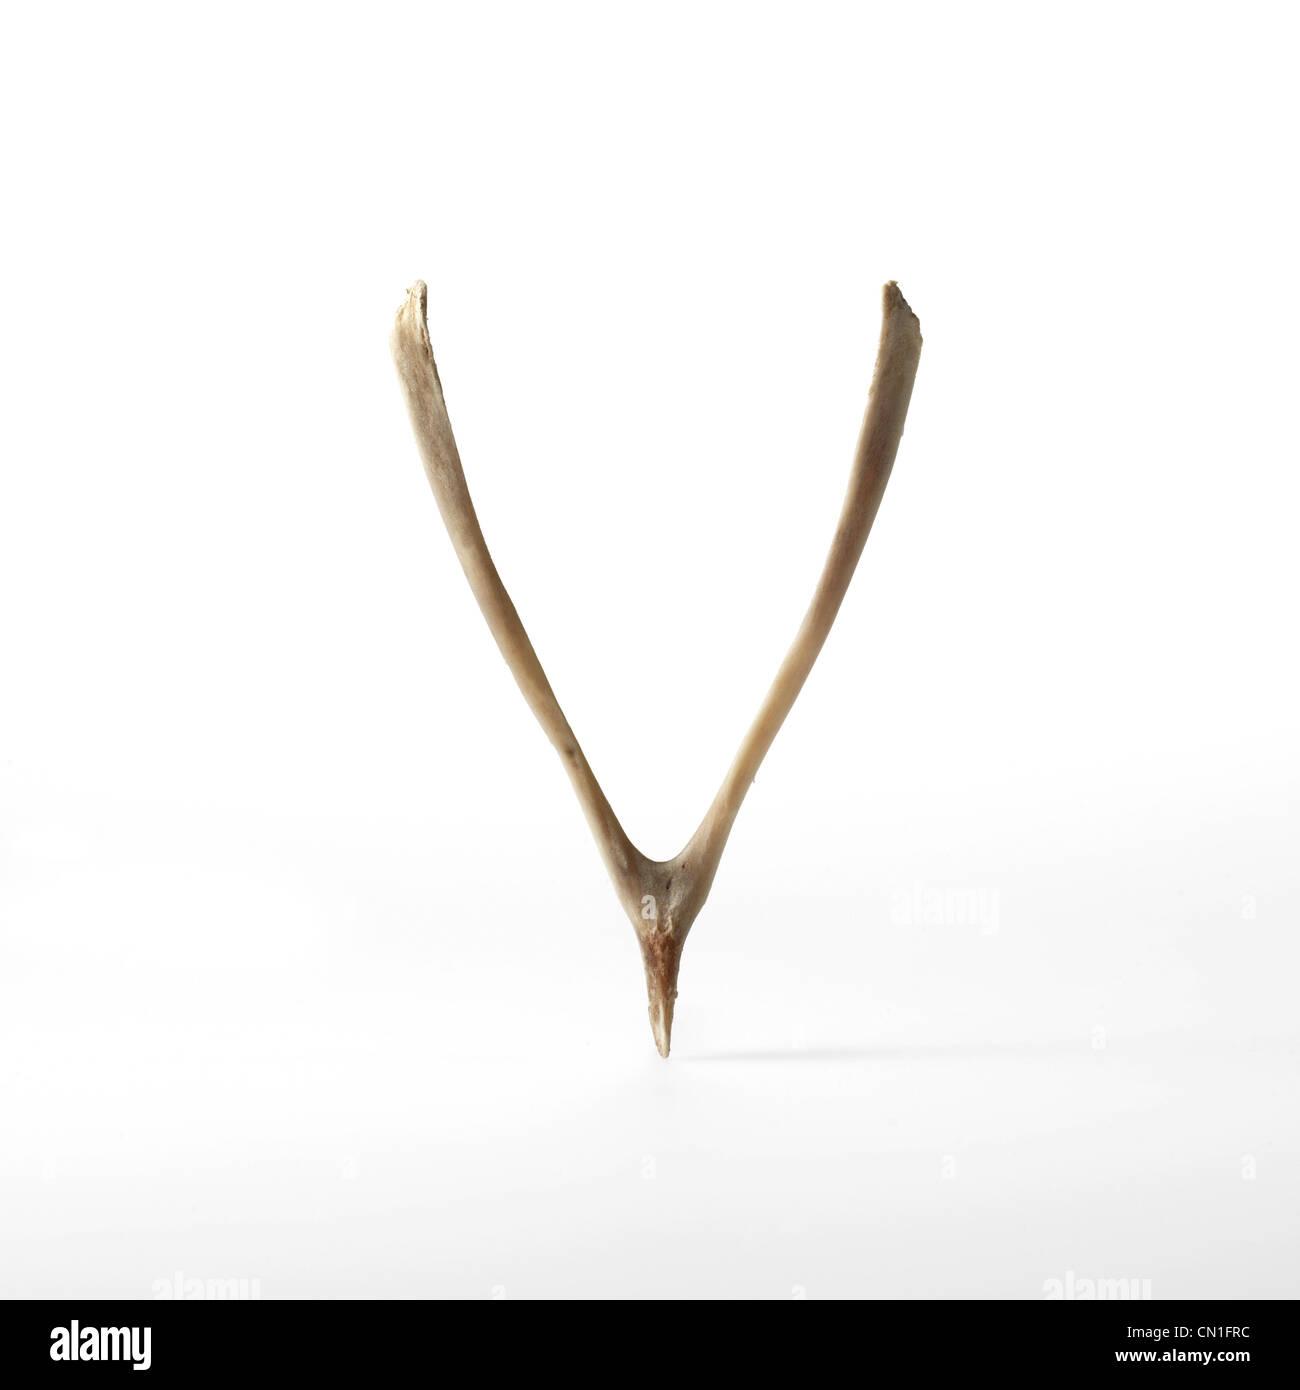 Turkey Wishbone on White - Stock Image